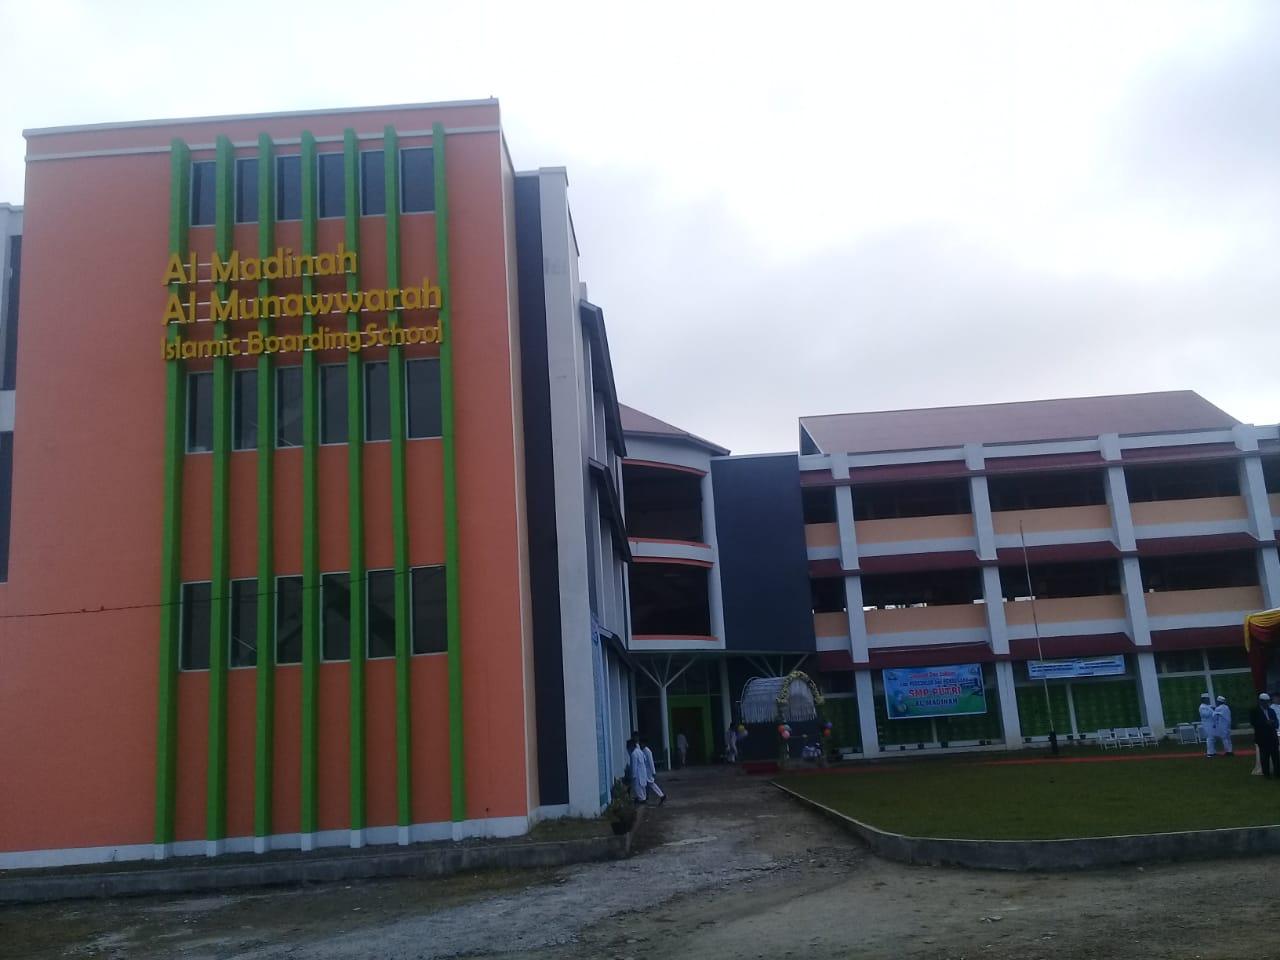 SELAMAT BERJUANG AL-MADINAH ISLAMIC BOARDING SCHOOL